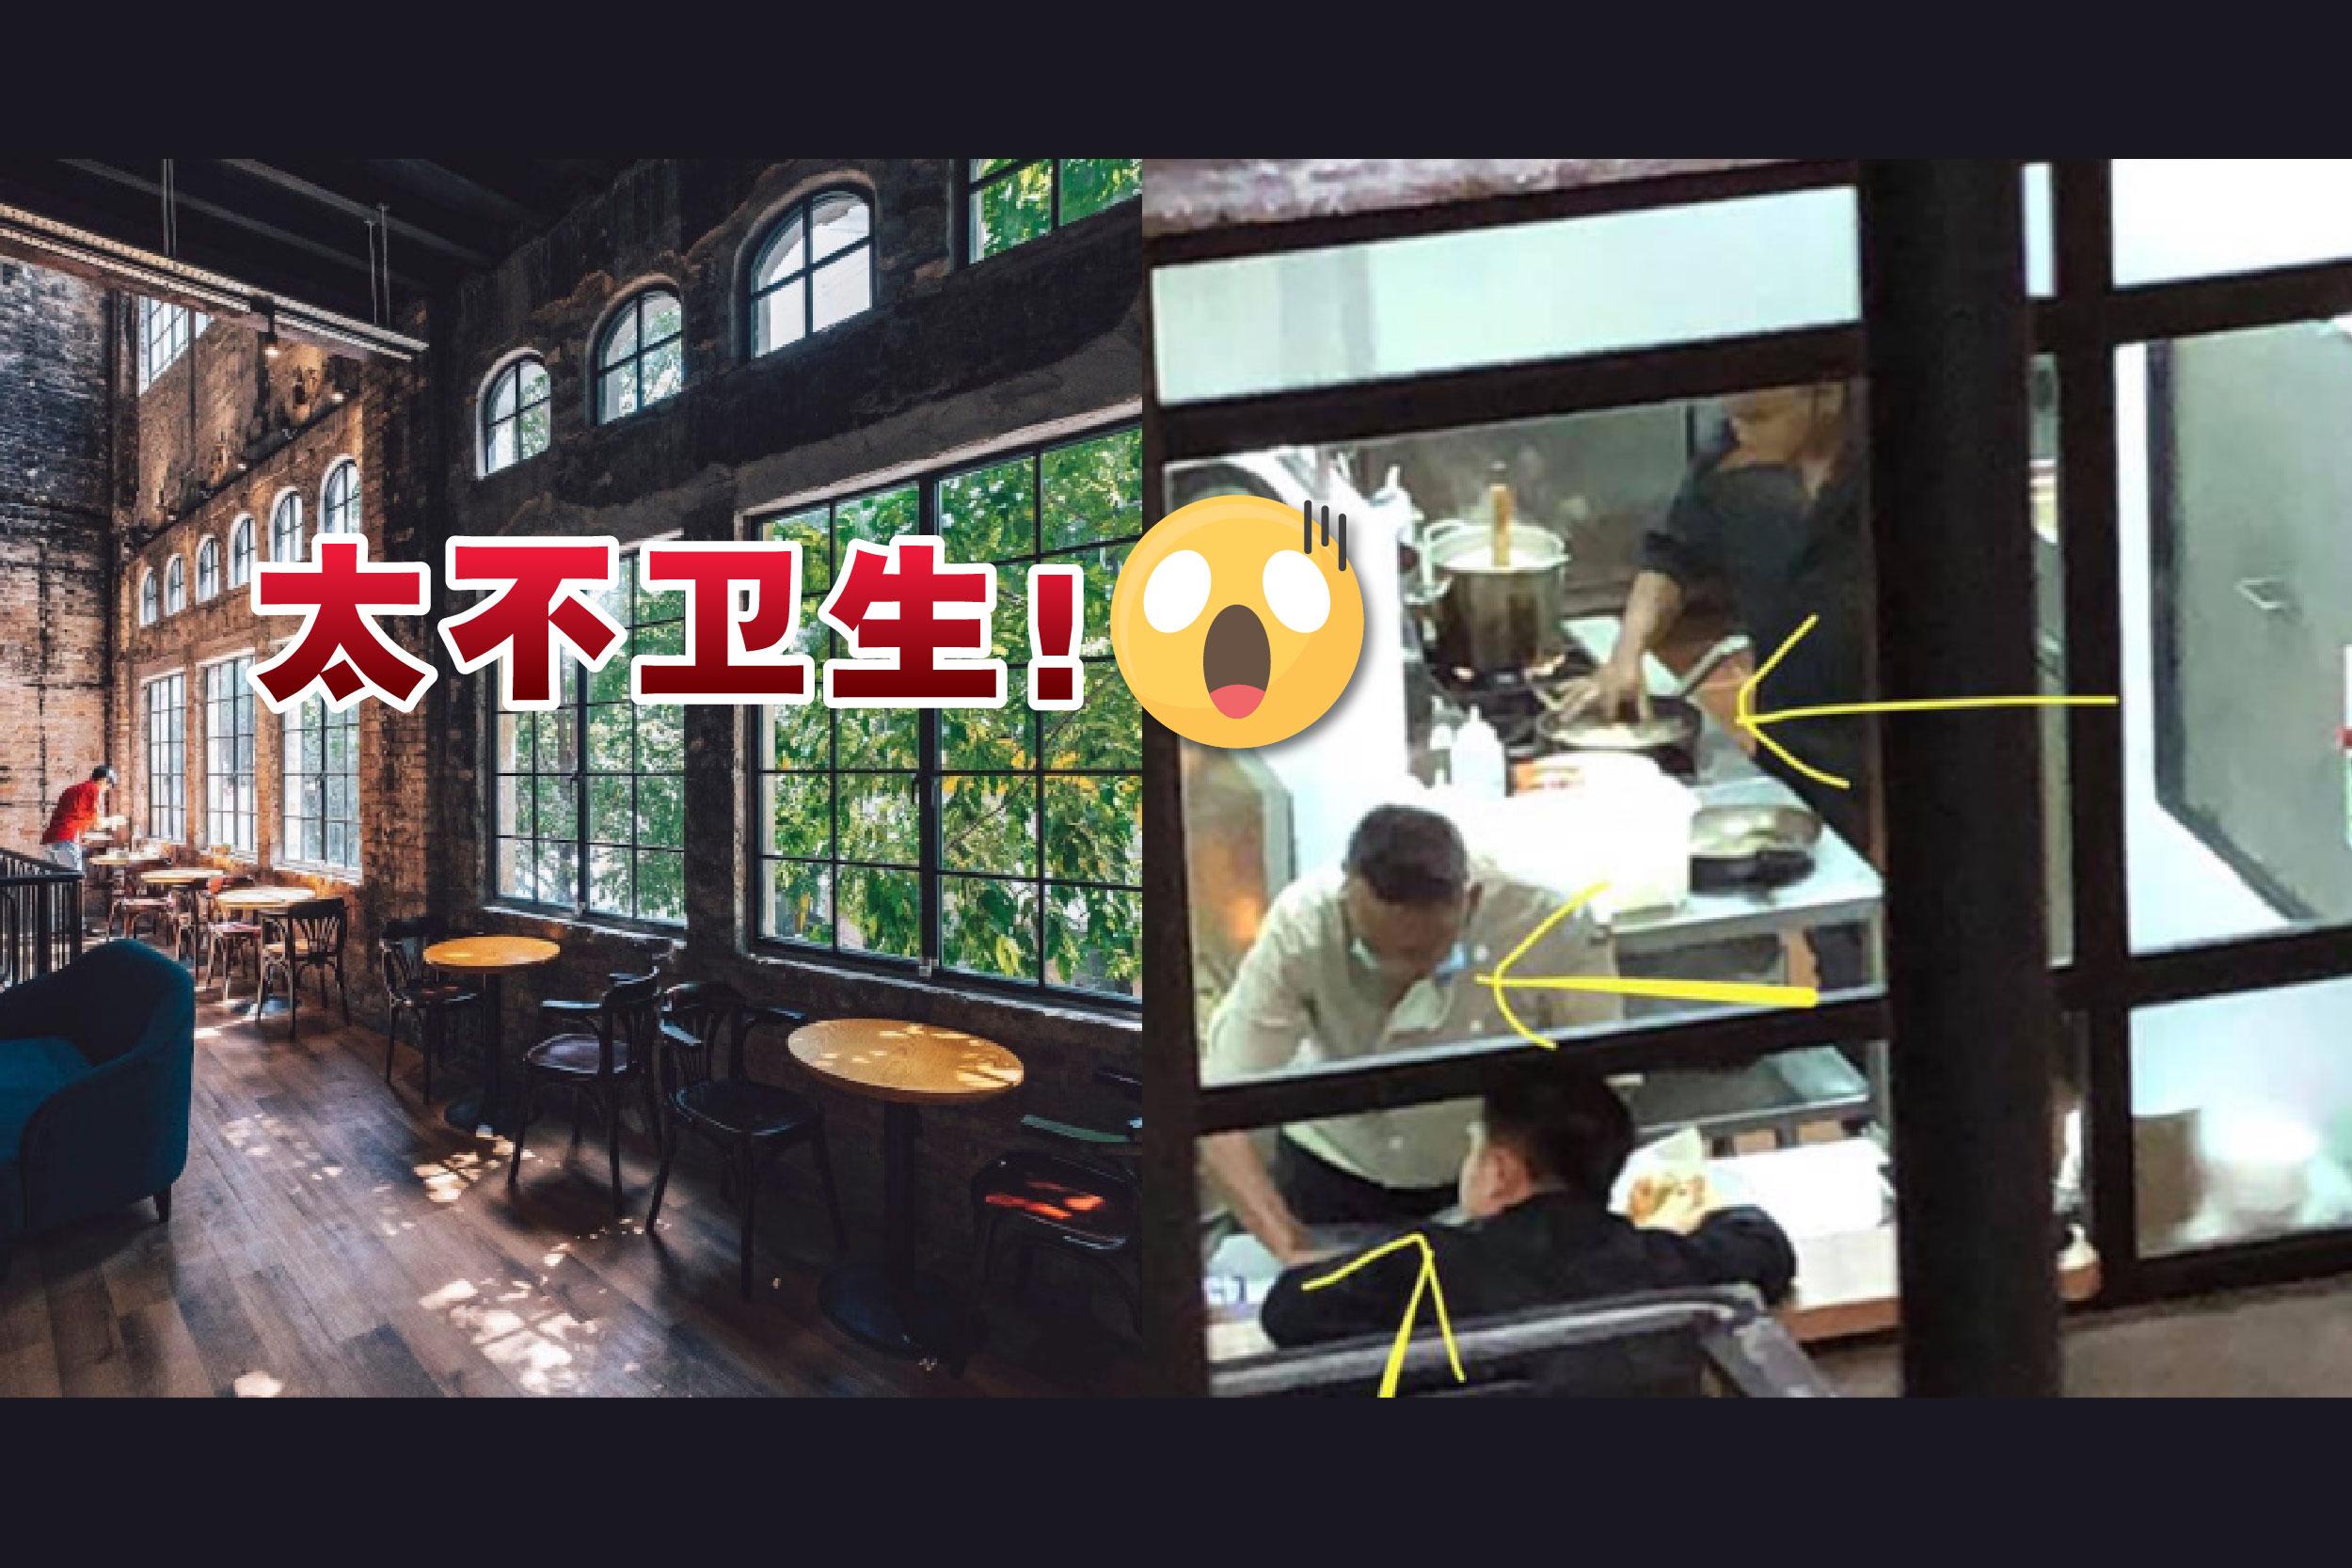 以环境优美拍Instagram美照著名的Light Capture咖啡馆,因被顾客拍到厨师用手指试吃,而遭网民炮轰。-摘自lightcapturecafe and Facebook/cornie.hui/精彩大马制图-